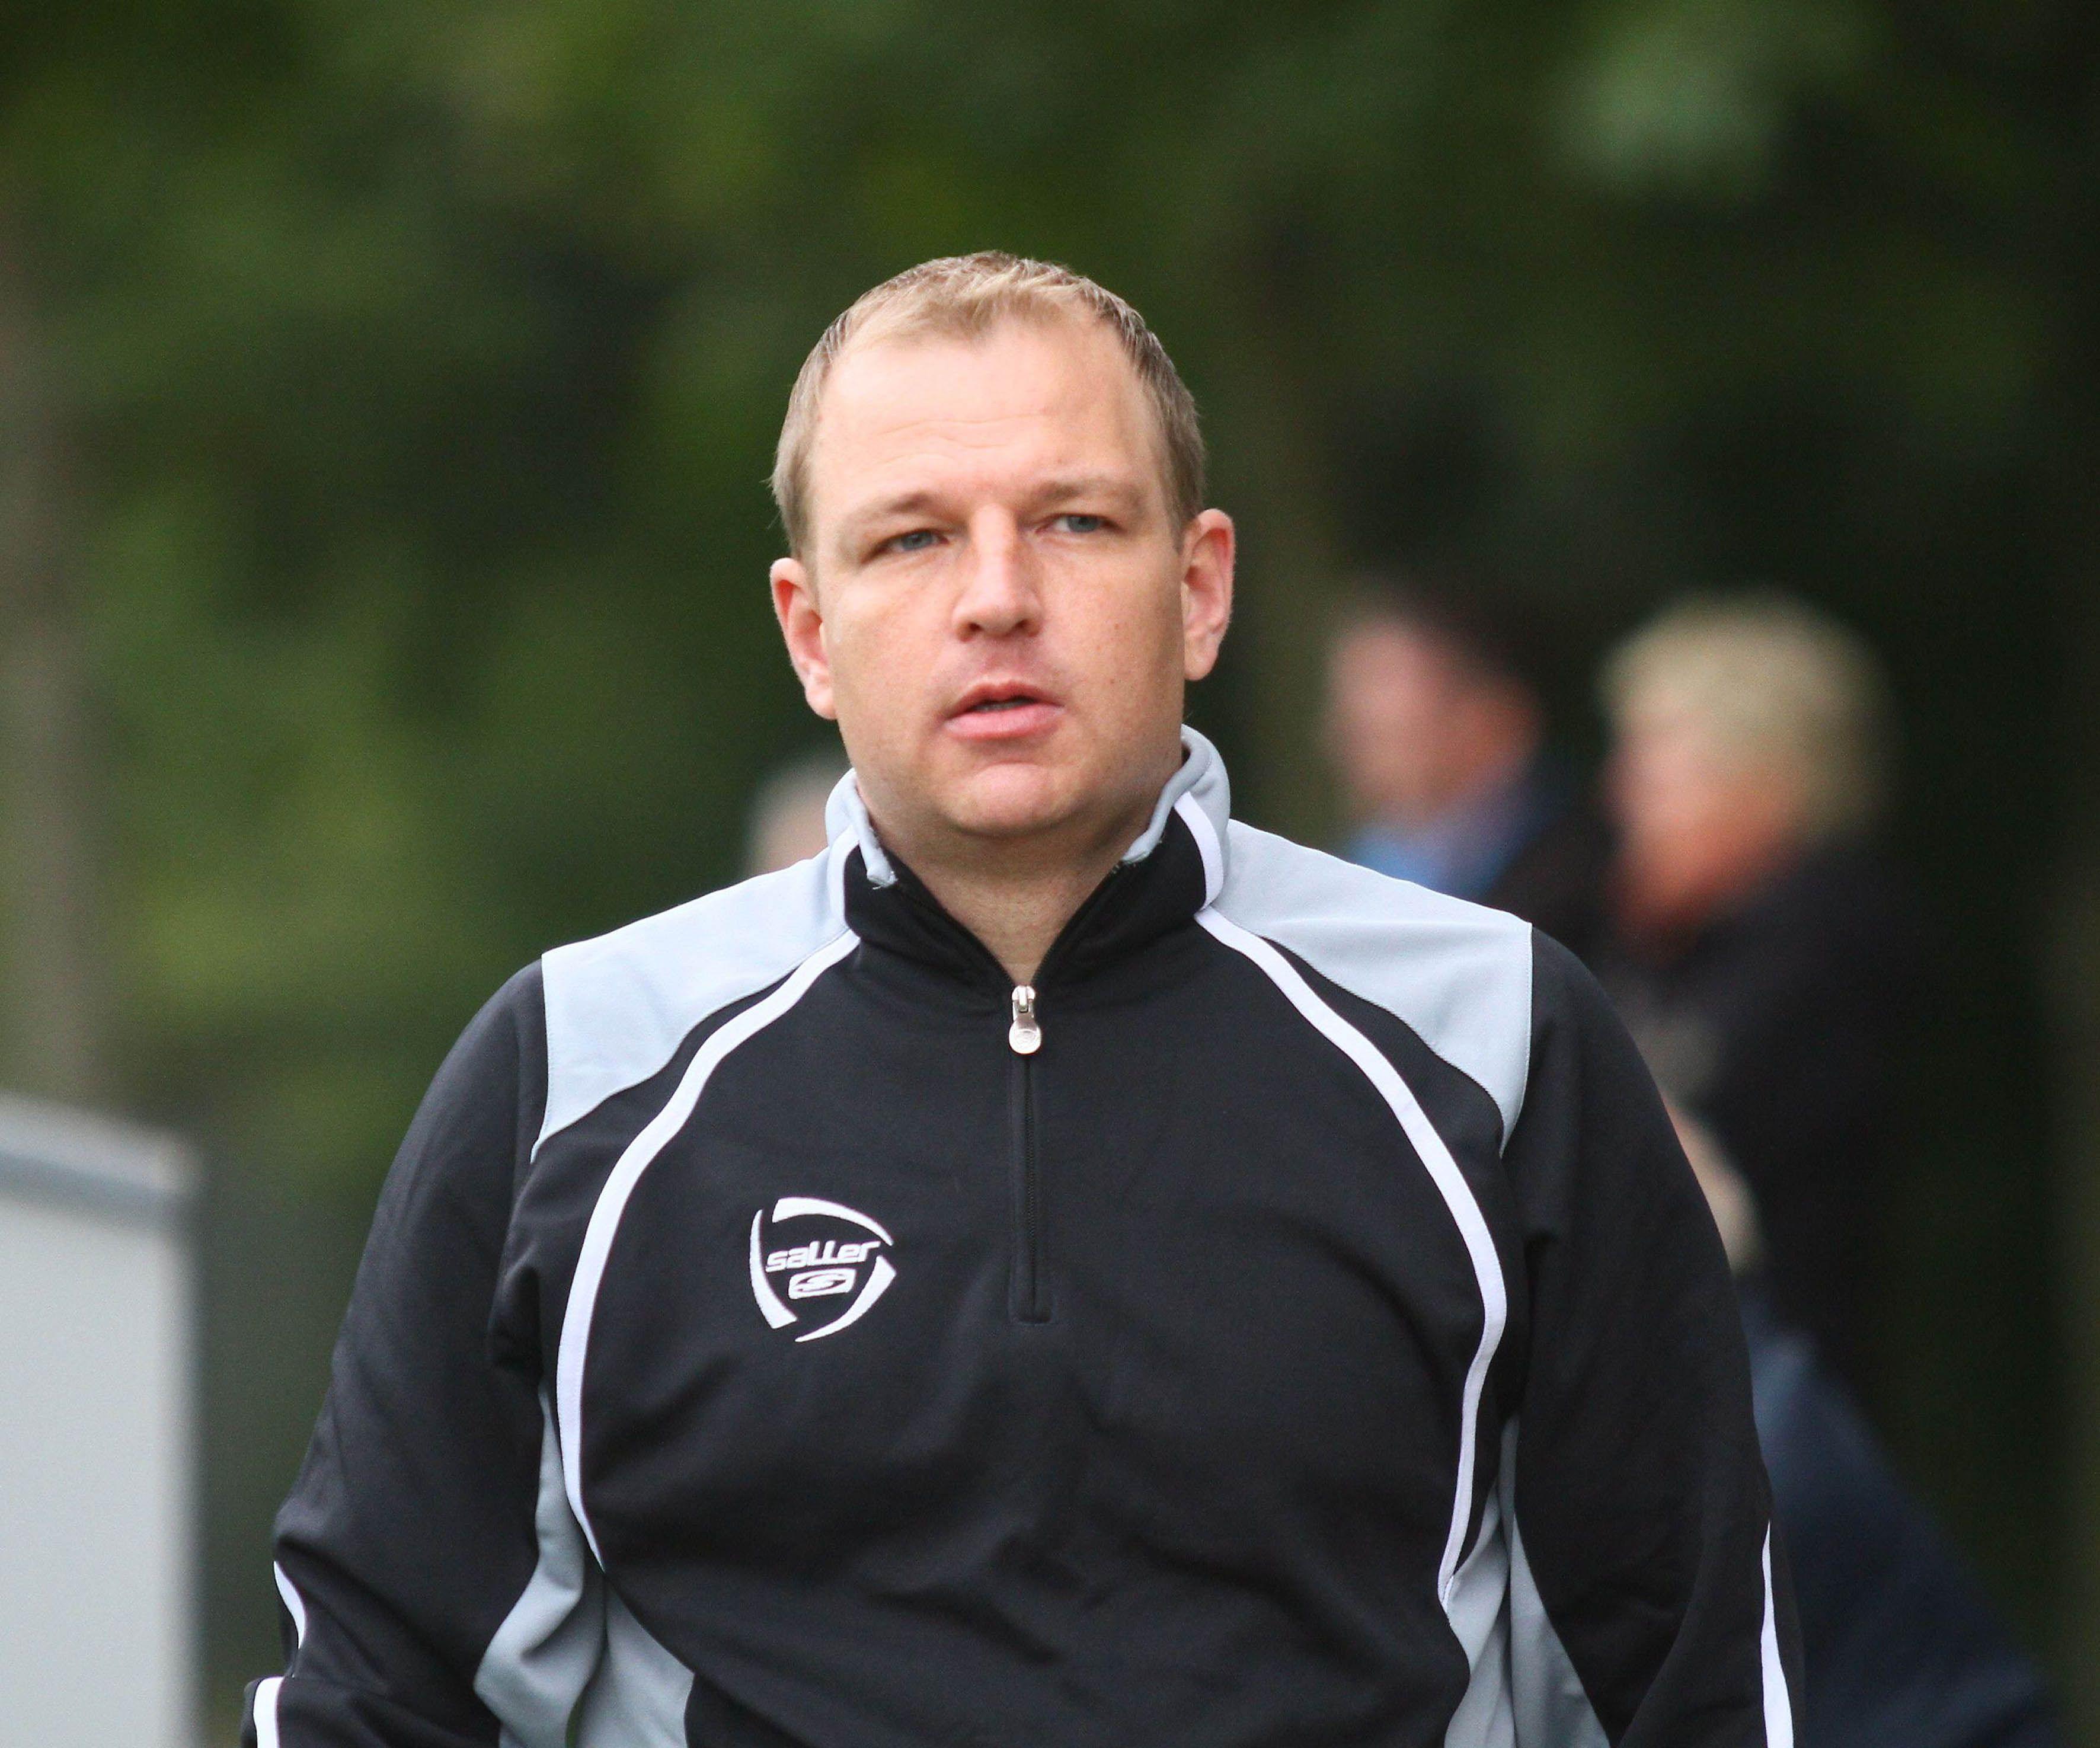 Zurück in die Zukunft: Der ehemalige Spieler Marco Priebe übernimmt zur neuen Saison das Traineramt bei der Spvg. Hiddenhausen.   Foto: Yvonne Gottschlich